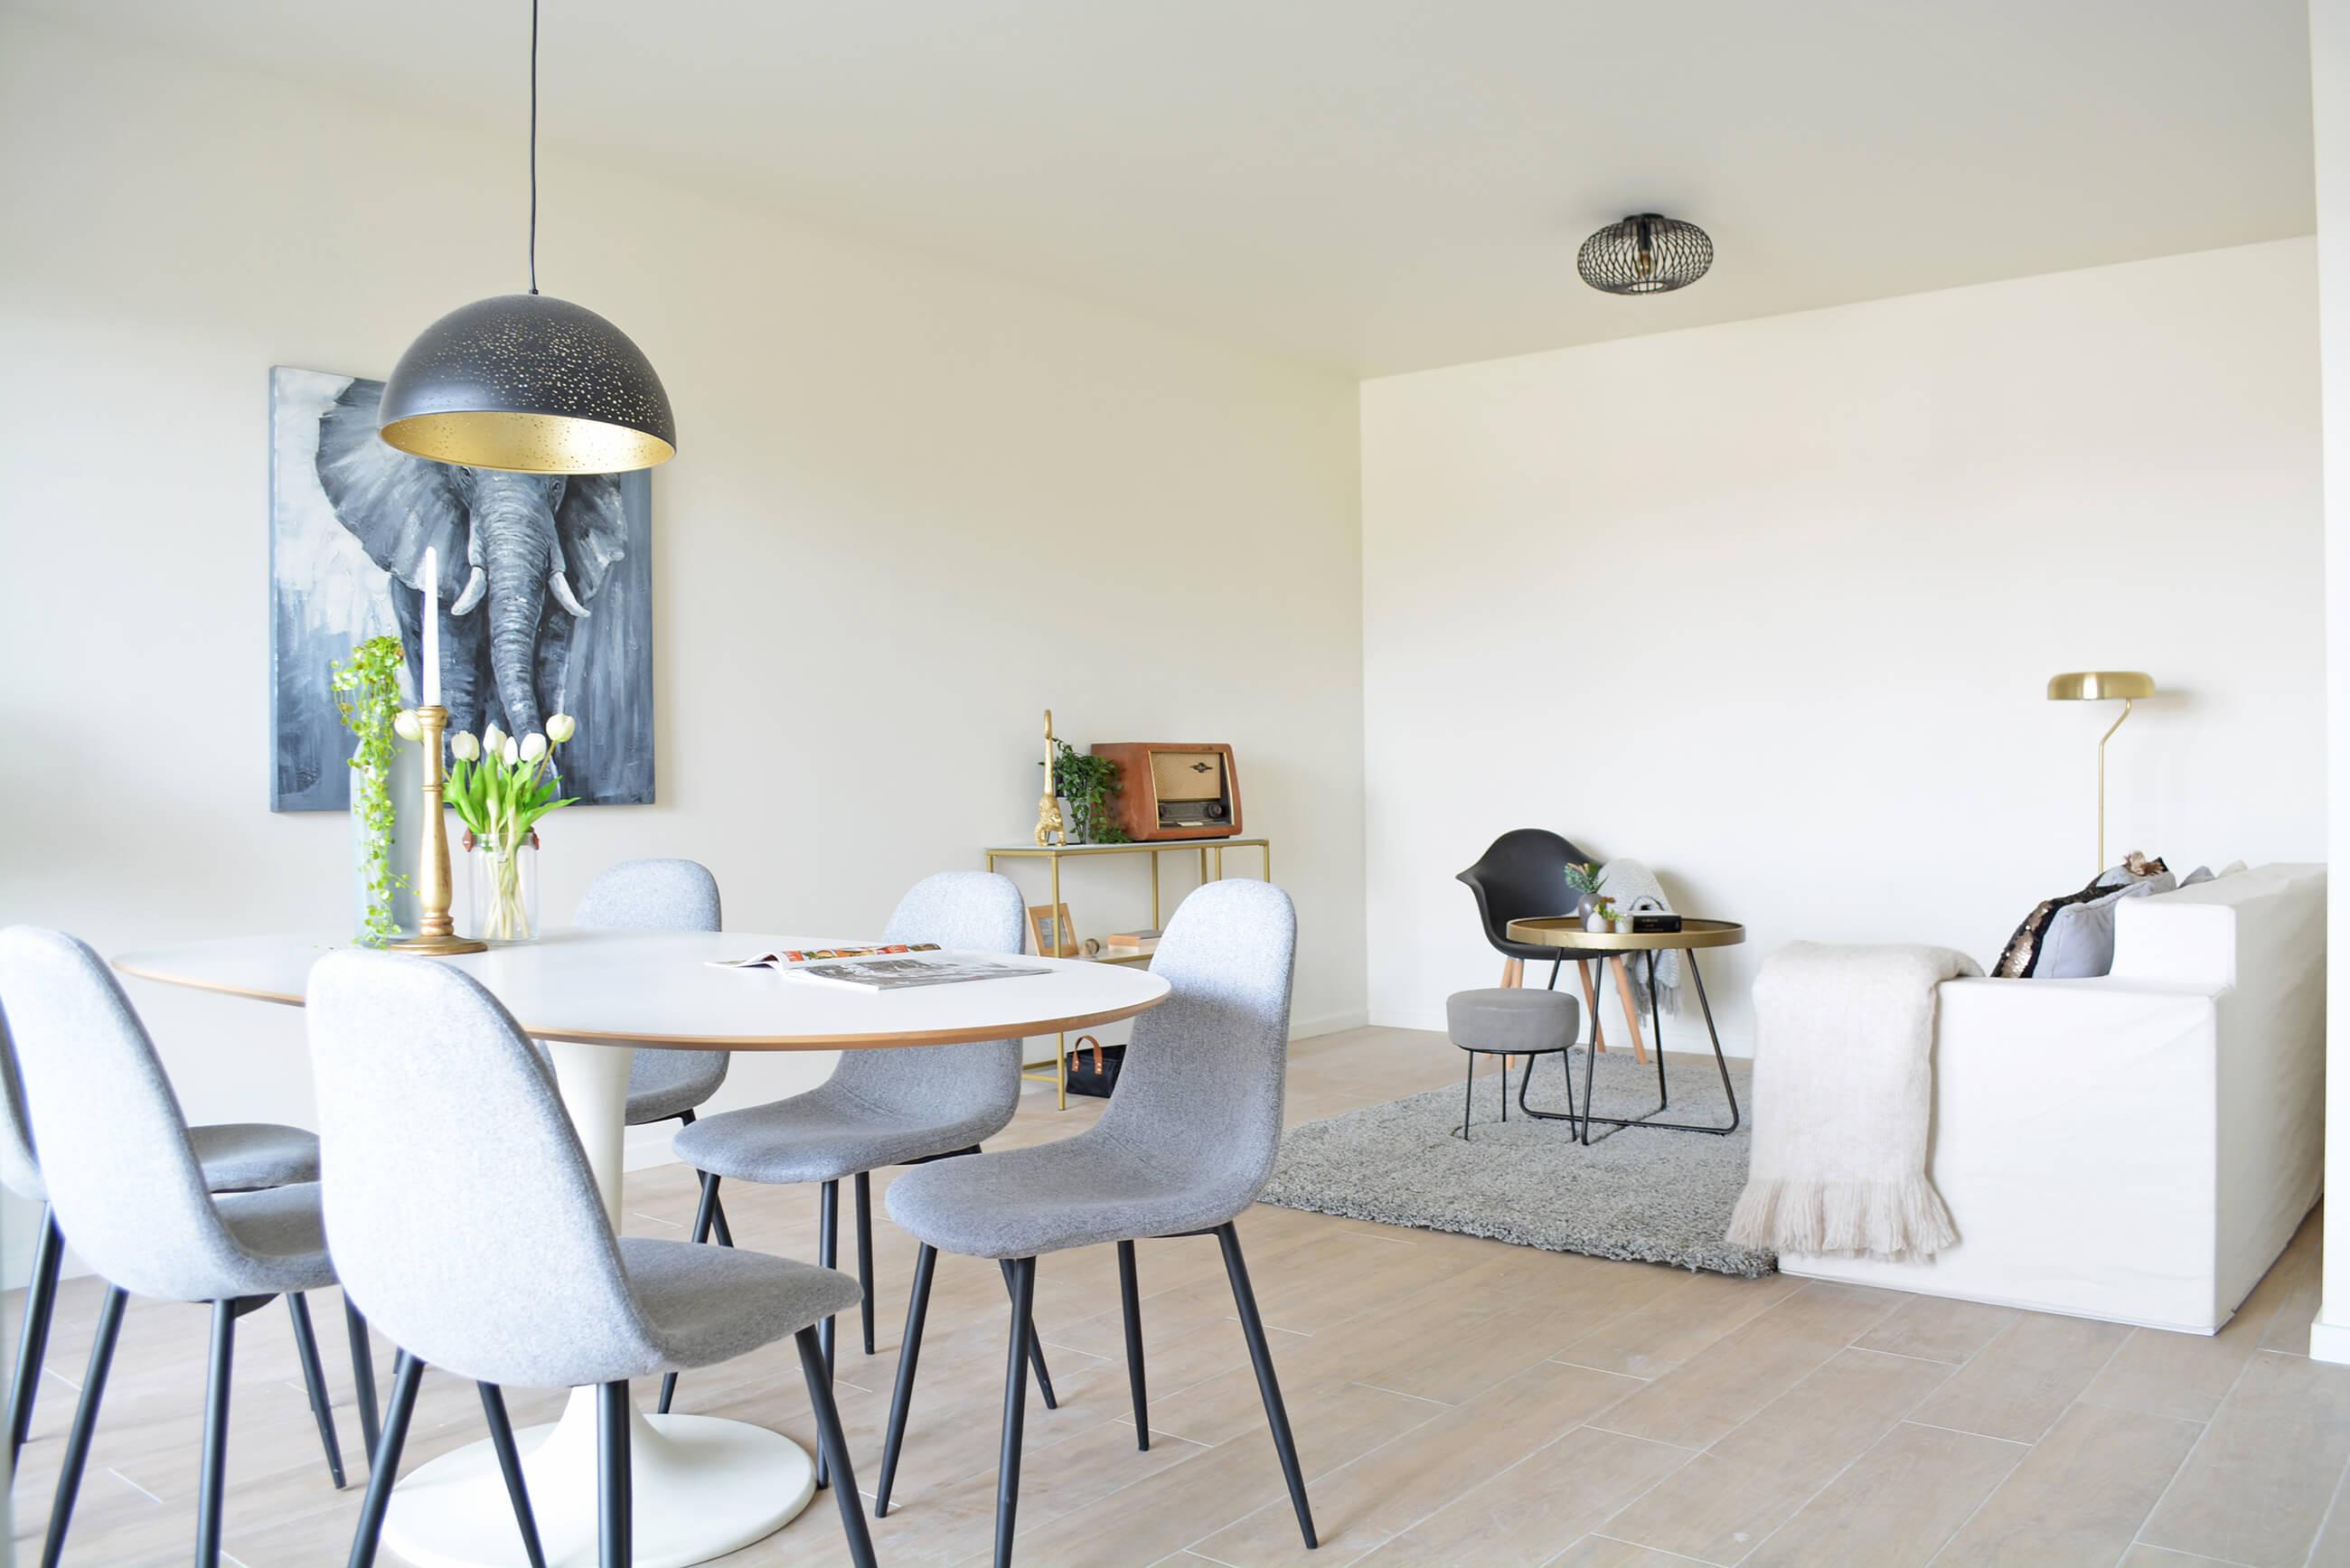 Een stijlvol ingerichte woonkamer in een nieuwbouwappartement van de Smedenpoort.